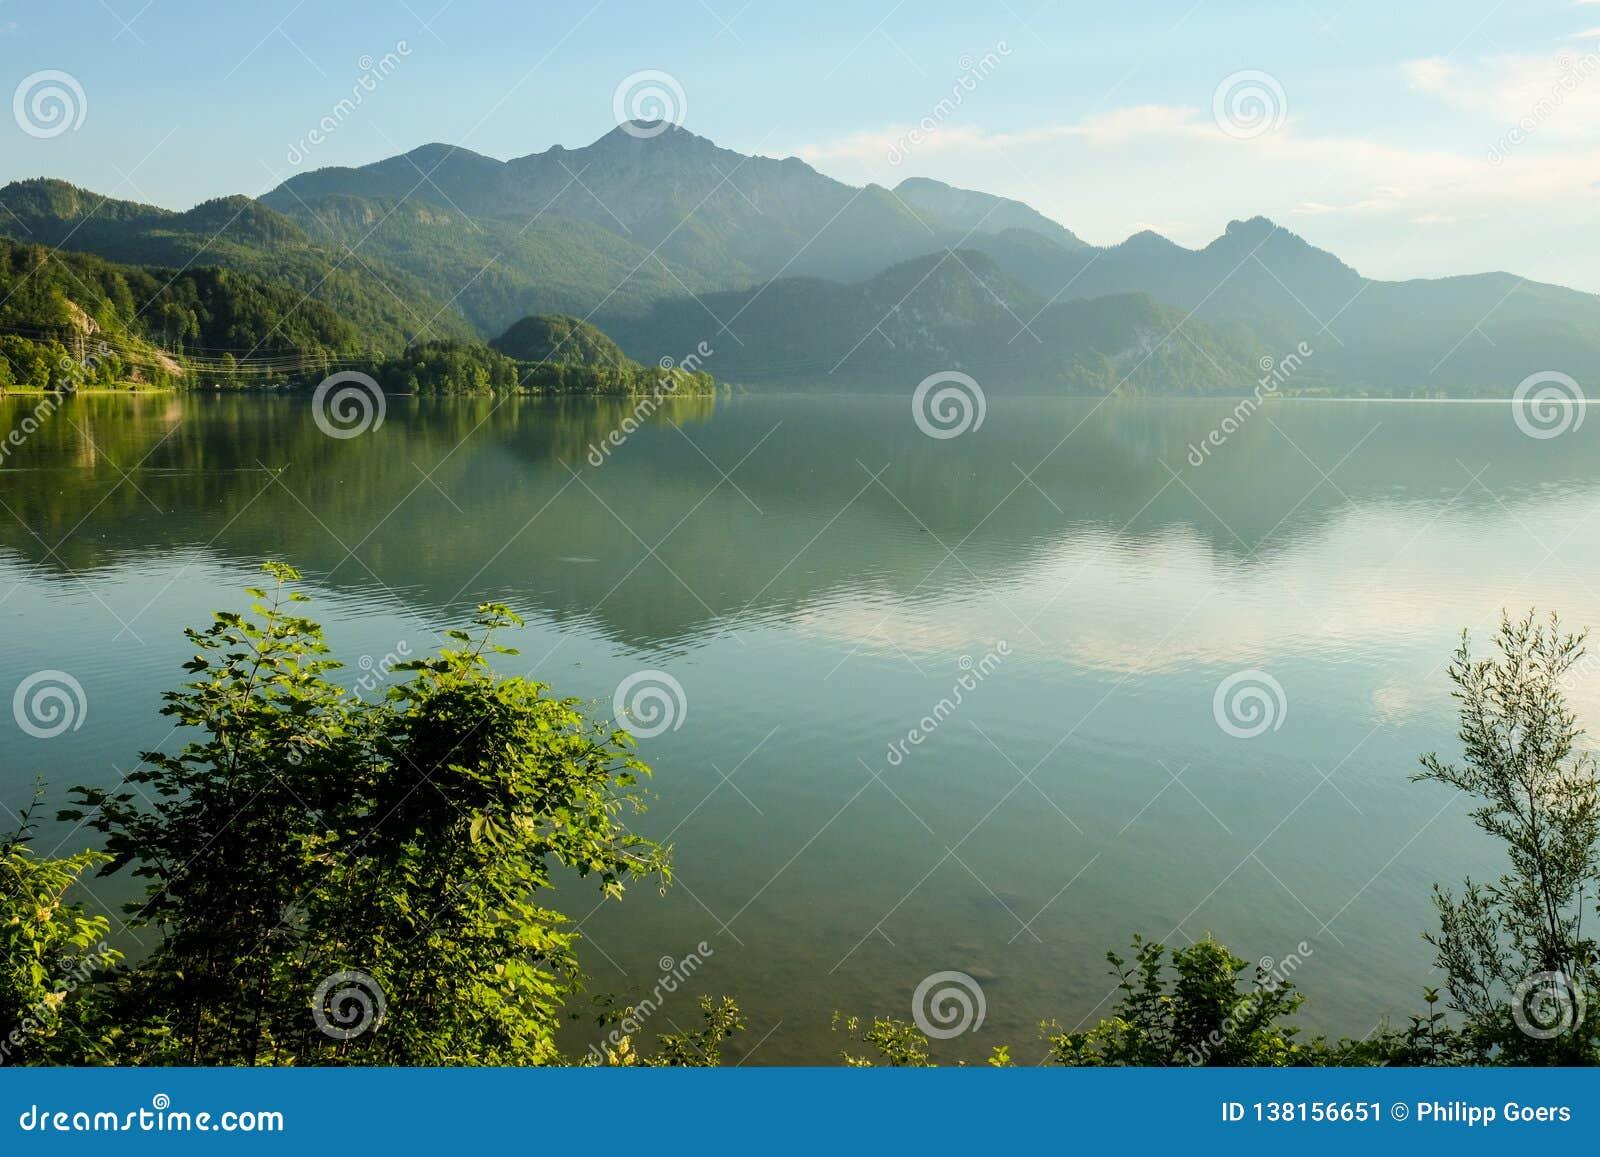 Paisaje de niebla idílico de la montaña con un lago y las montañas en el fondo